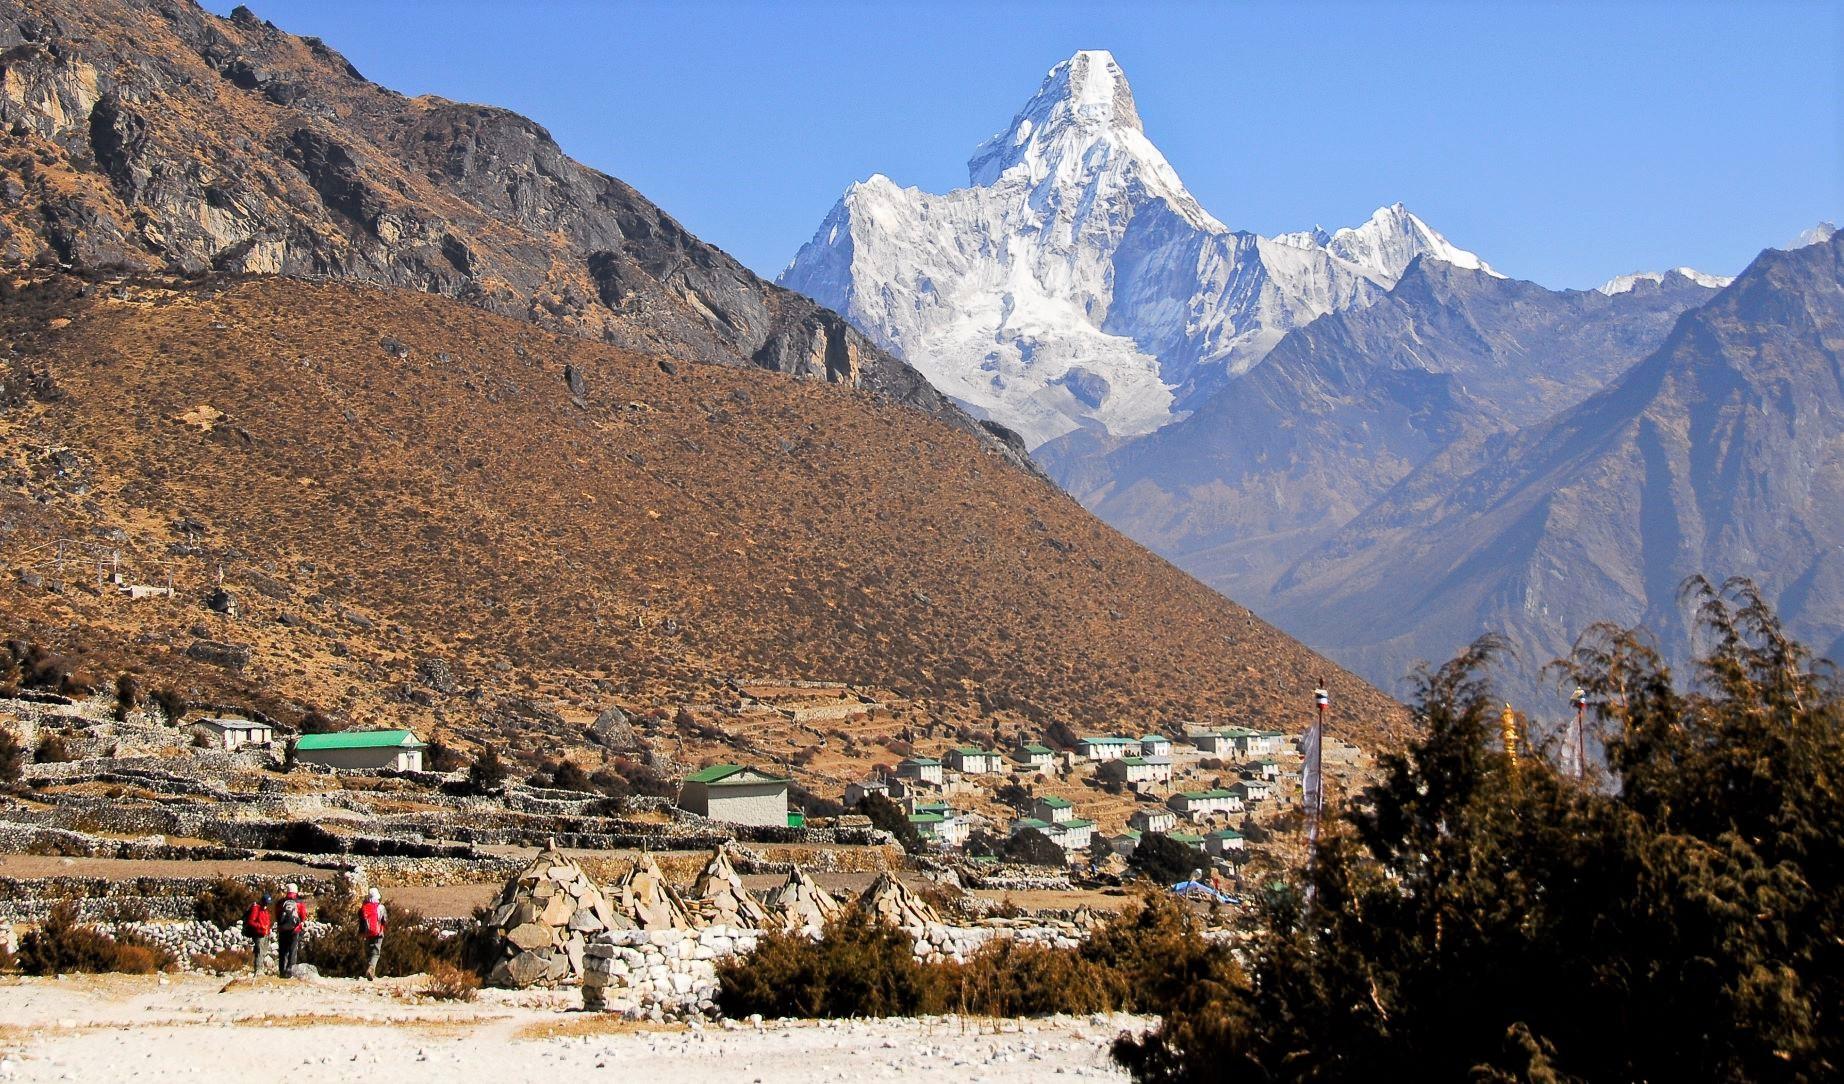 シェルパ族の暮らすクムジュン村からのアマダブラム(6,812m)